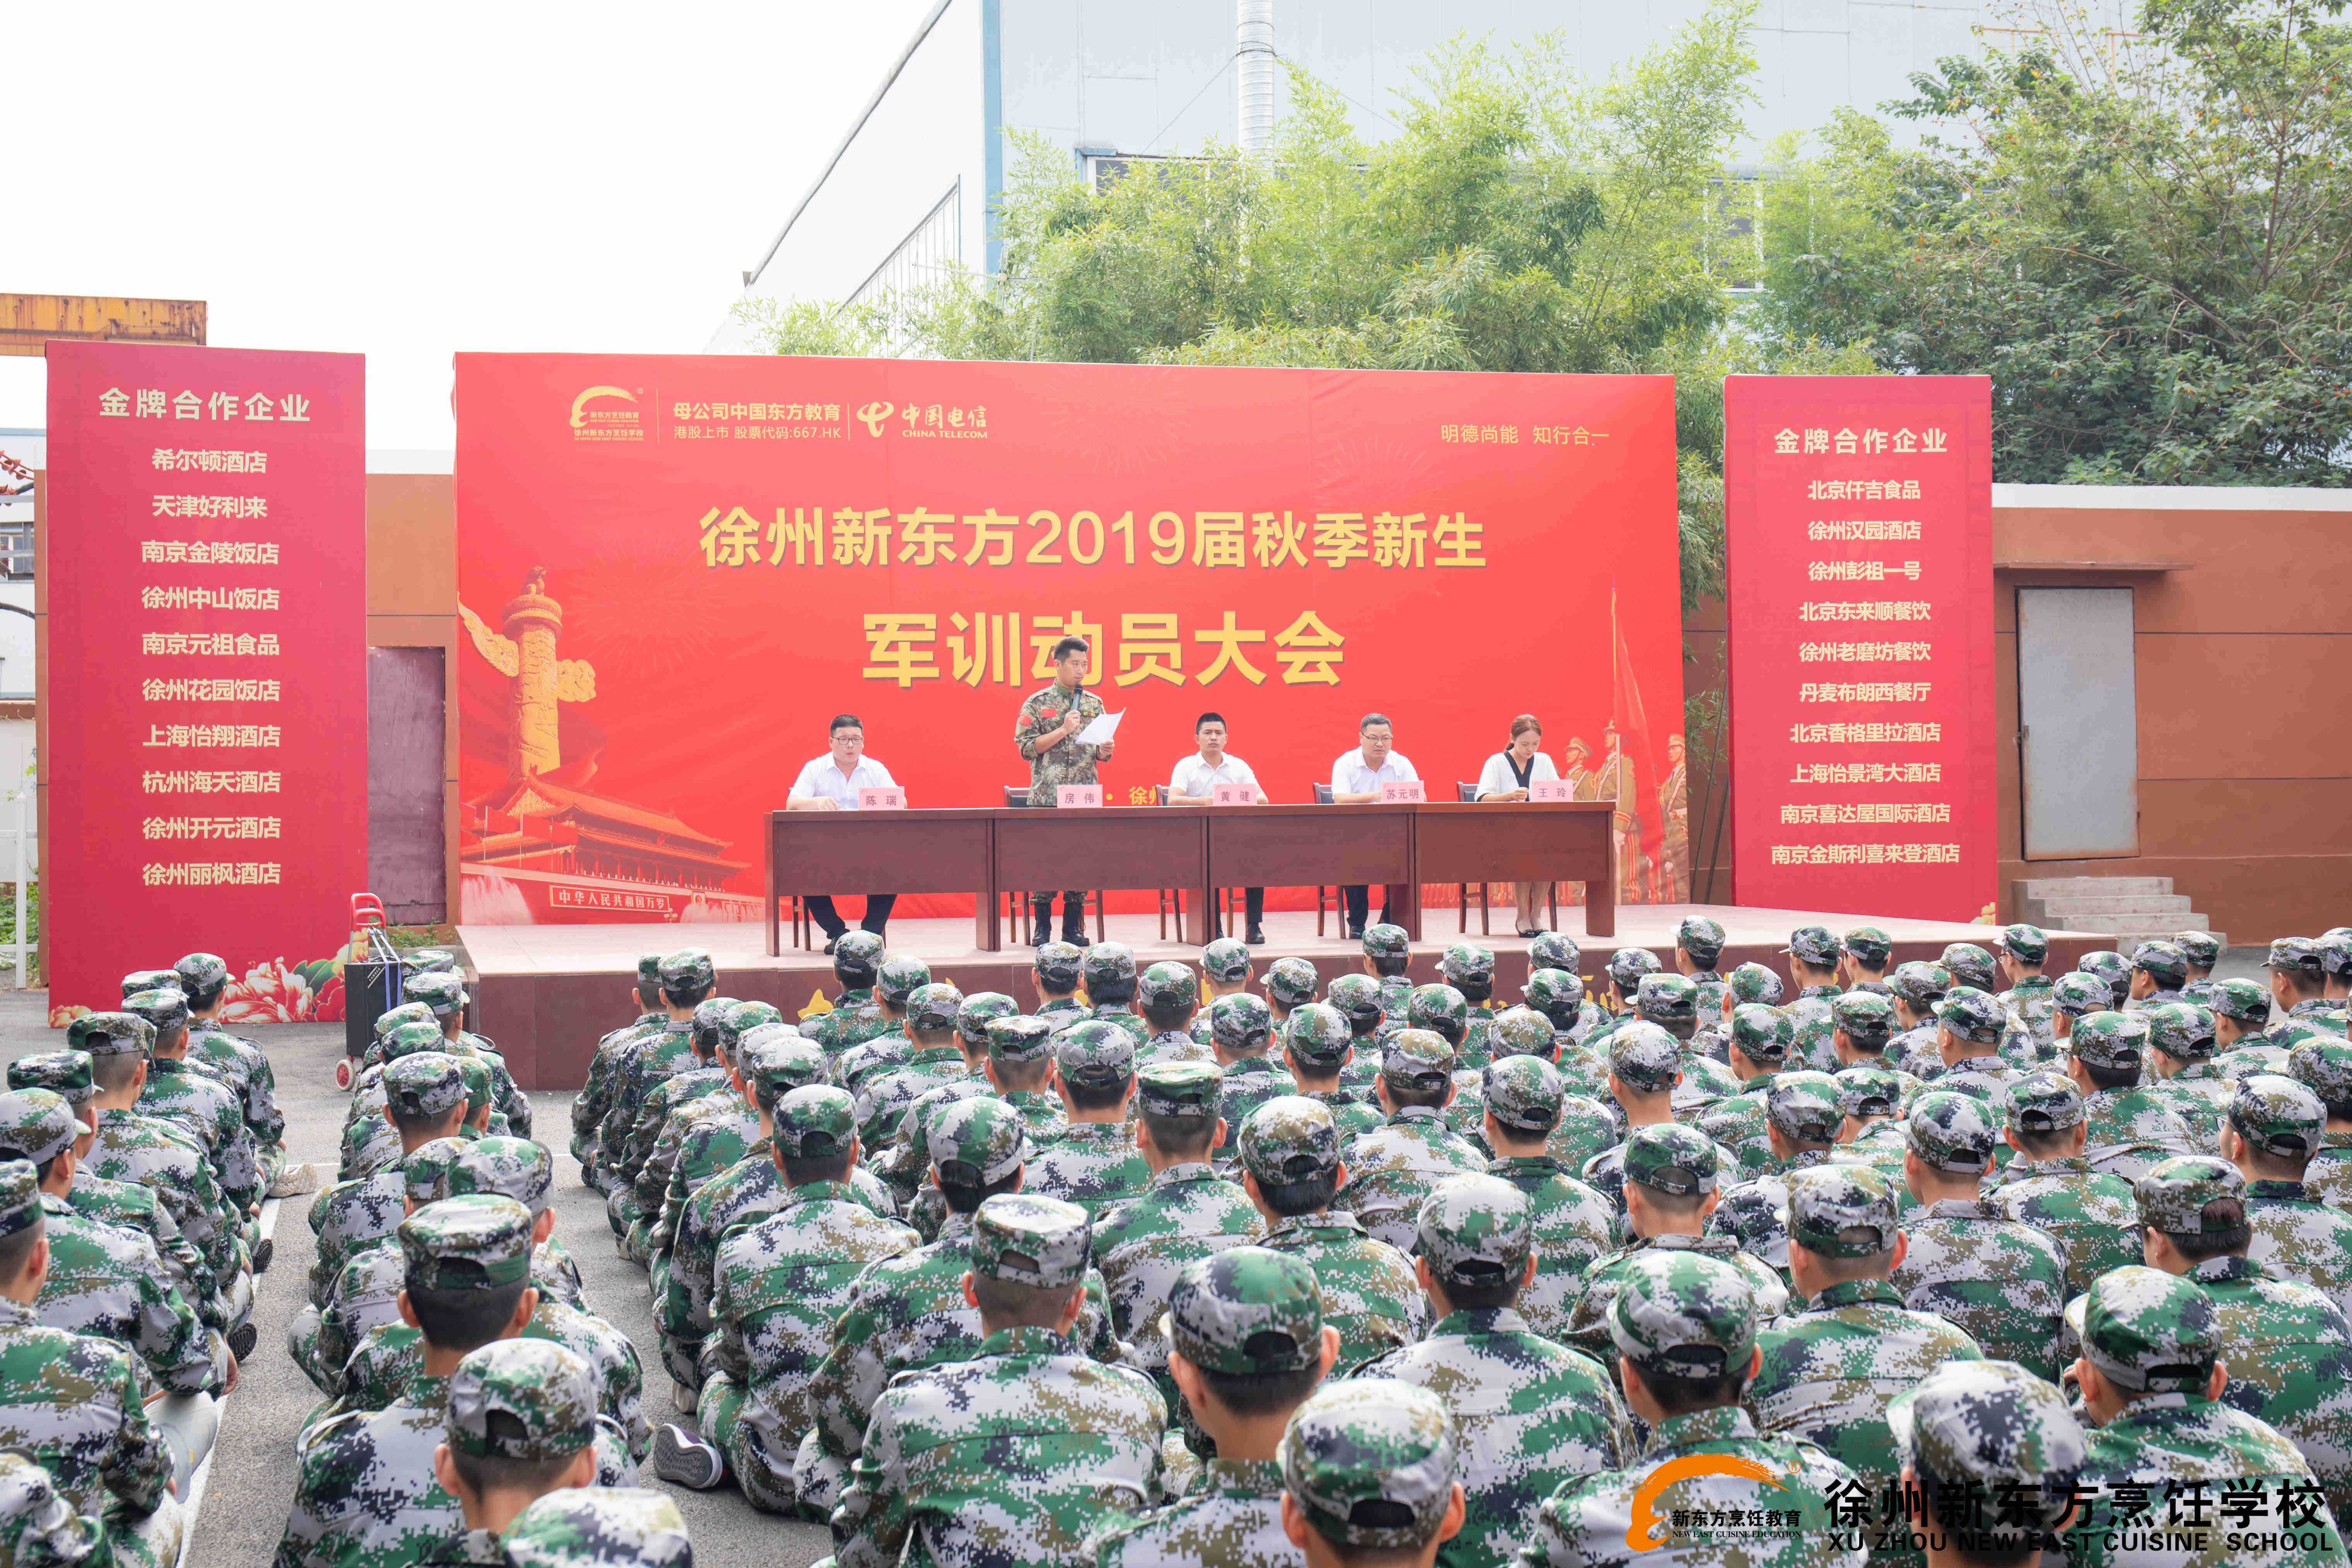 徐州新东方烹饪学校2019级秋季新生军训动员